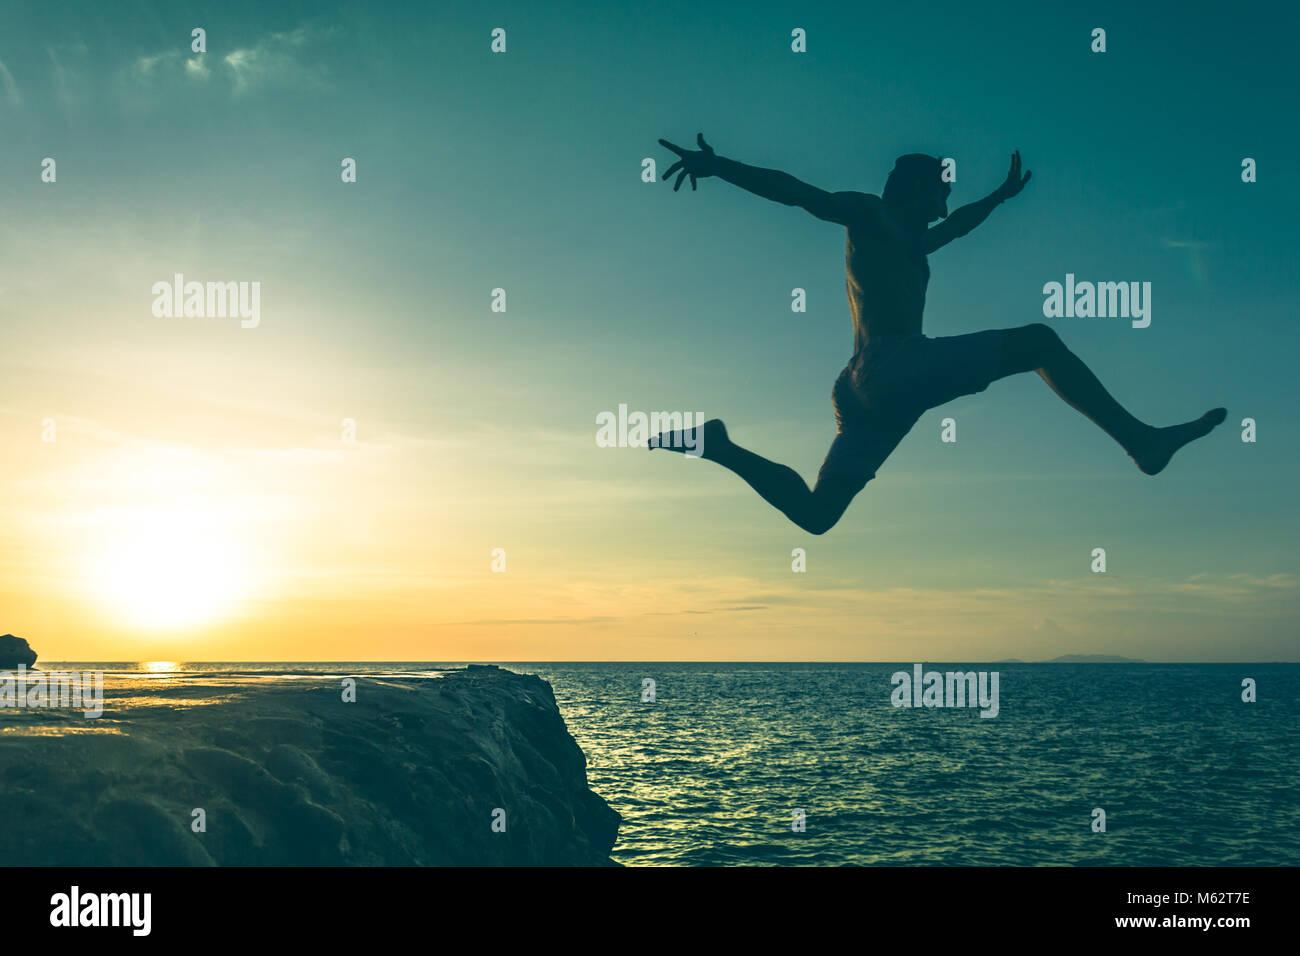 L'uomo saltando su una scogliera in mare sul tramonto in Koh Phangan isola, Thailandia. Effetto vintage. Tre Immagini Stock